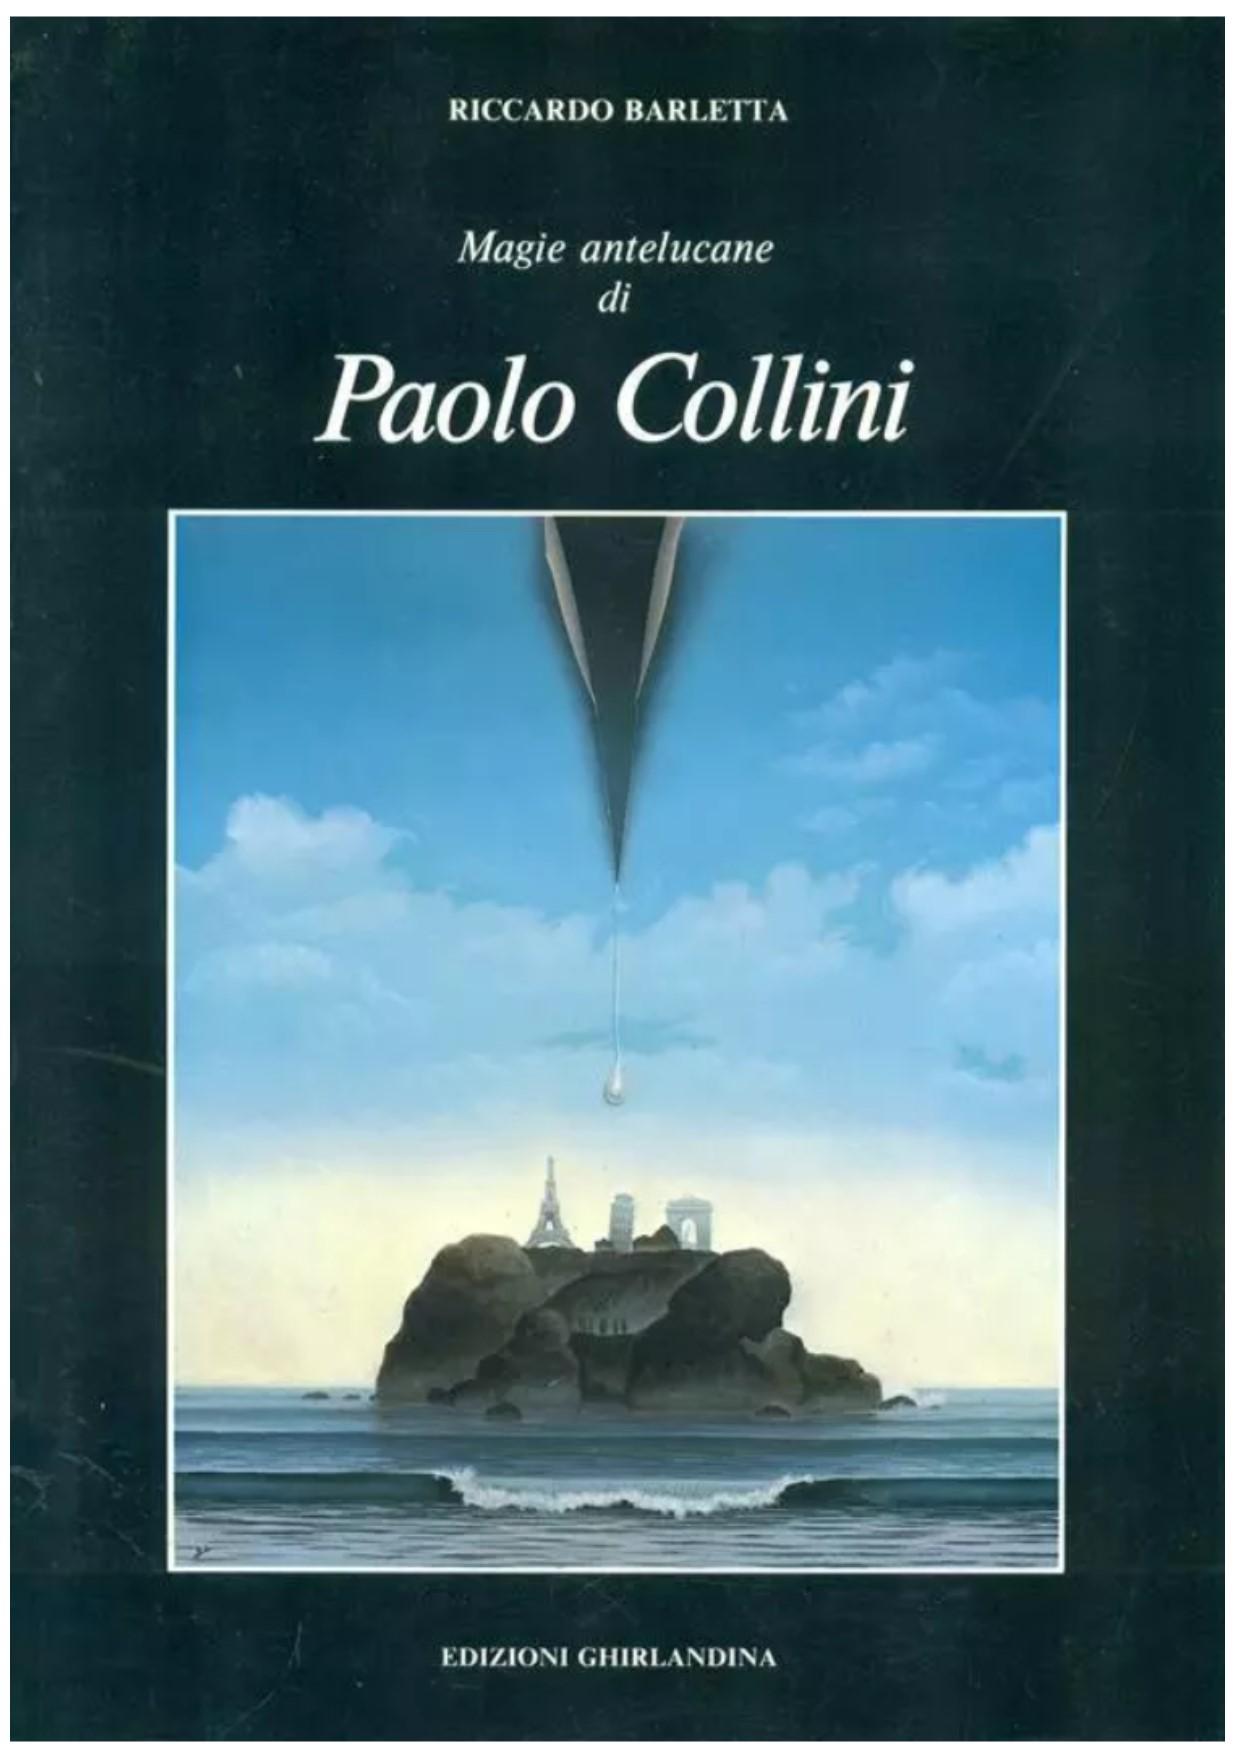 Paolo Collini